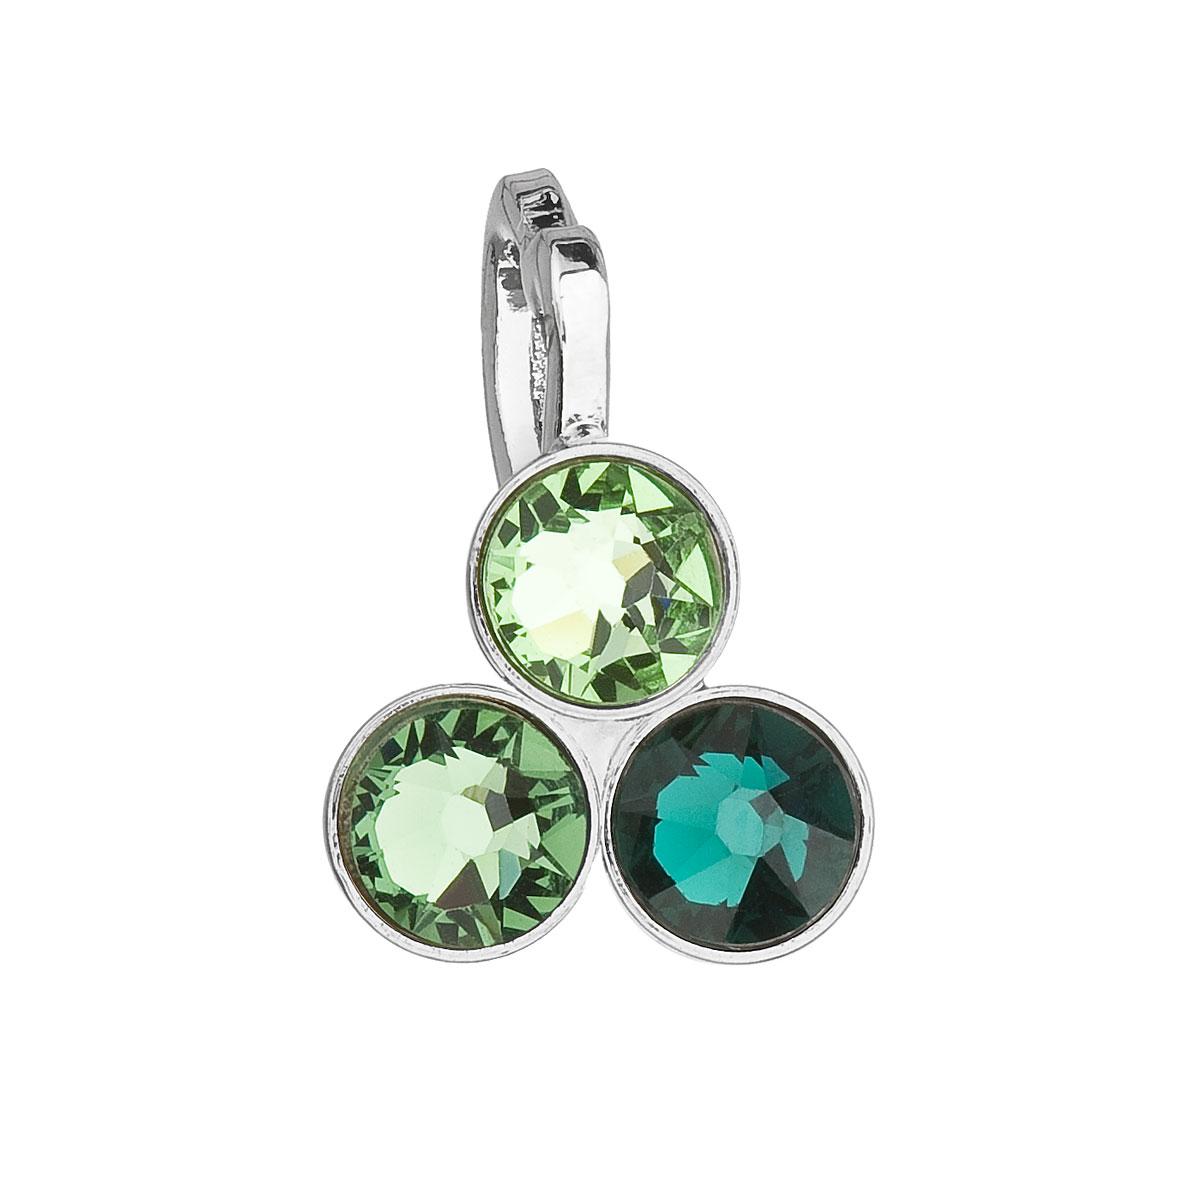 Evolution Group Přívěsek se Swarovski krystaly zelený 54030.3